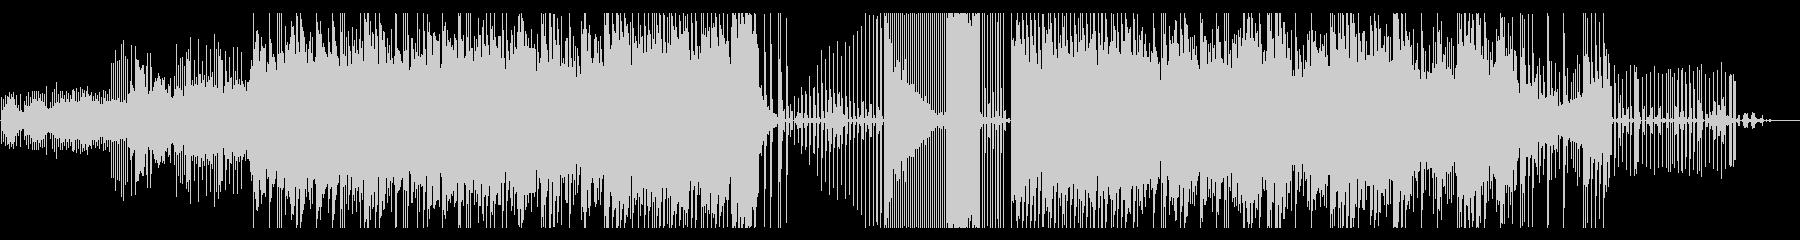 テクスチャー、チルアウト、トラップの未再生の波形